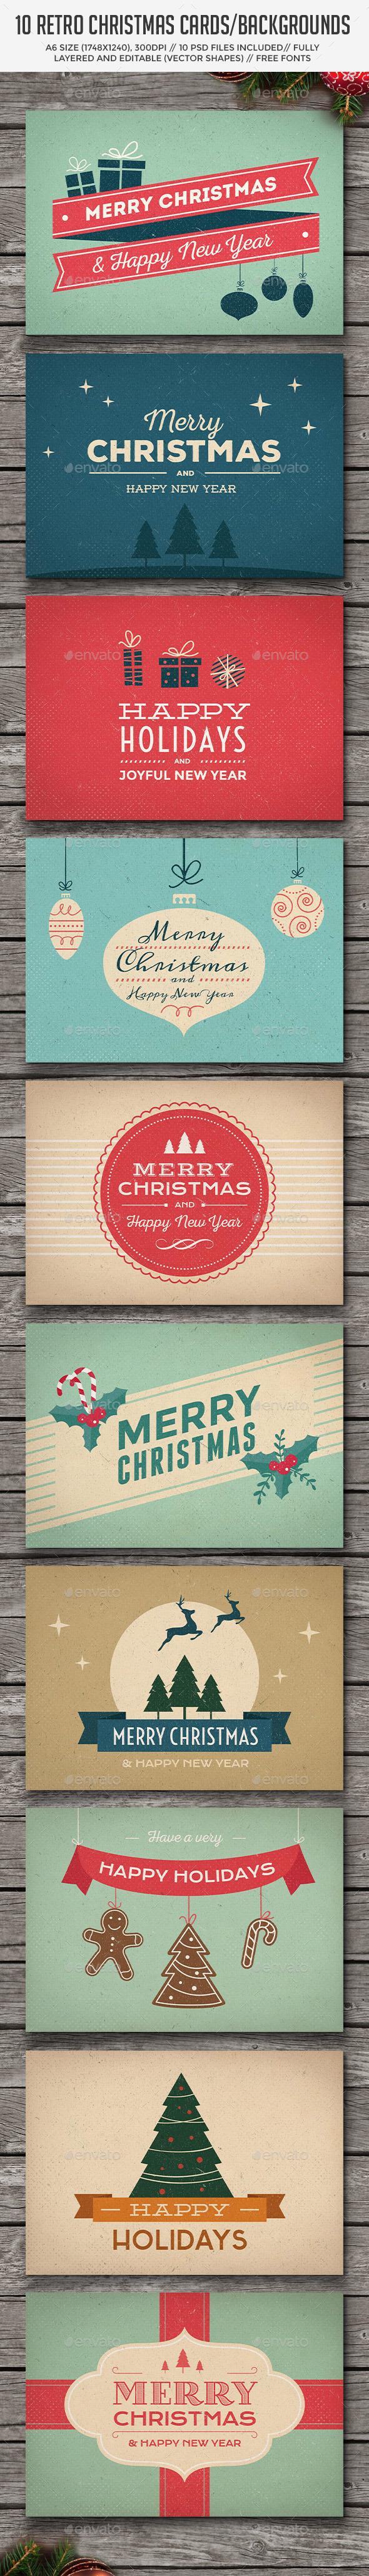 10 Retro Christmas Cards Backgrounds